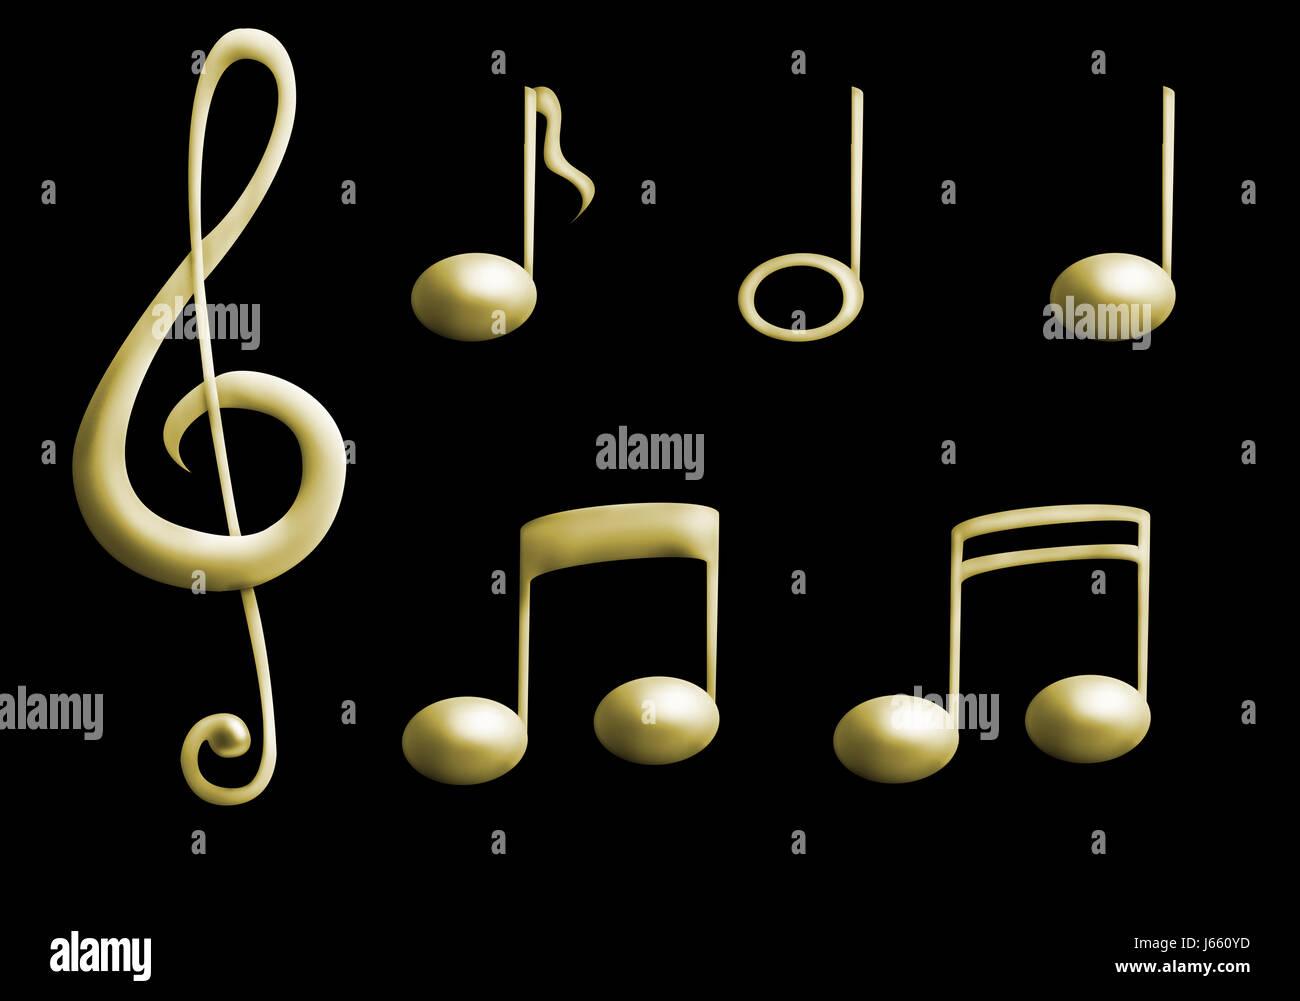 Notas Musicales Clef Clef Agudo Signo Notas Musicales Tonos De Señal